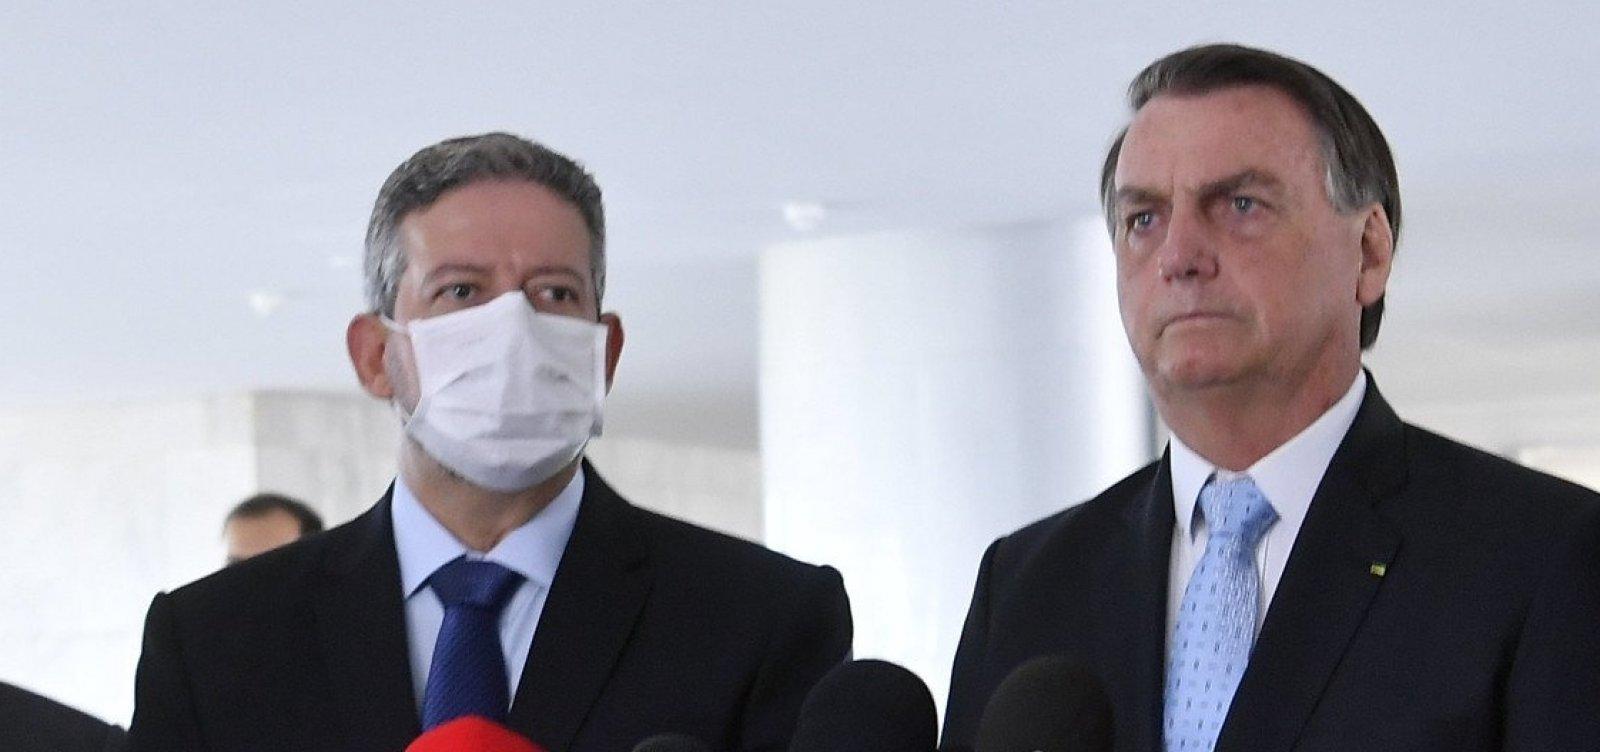 [Presidente da Câmara se encontra com Bolsonaro para discutir prisão de Daniel Silveira]